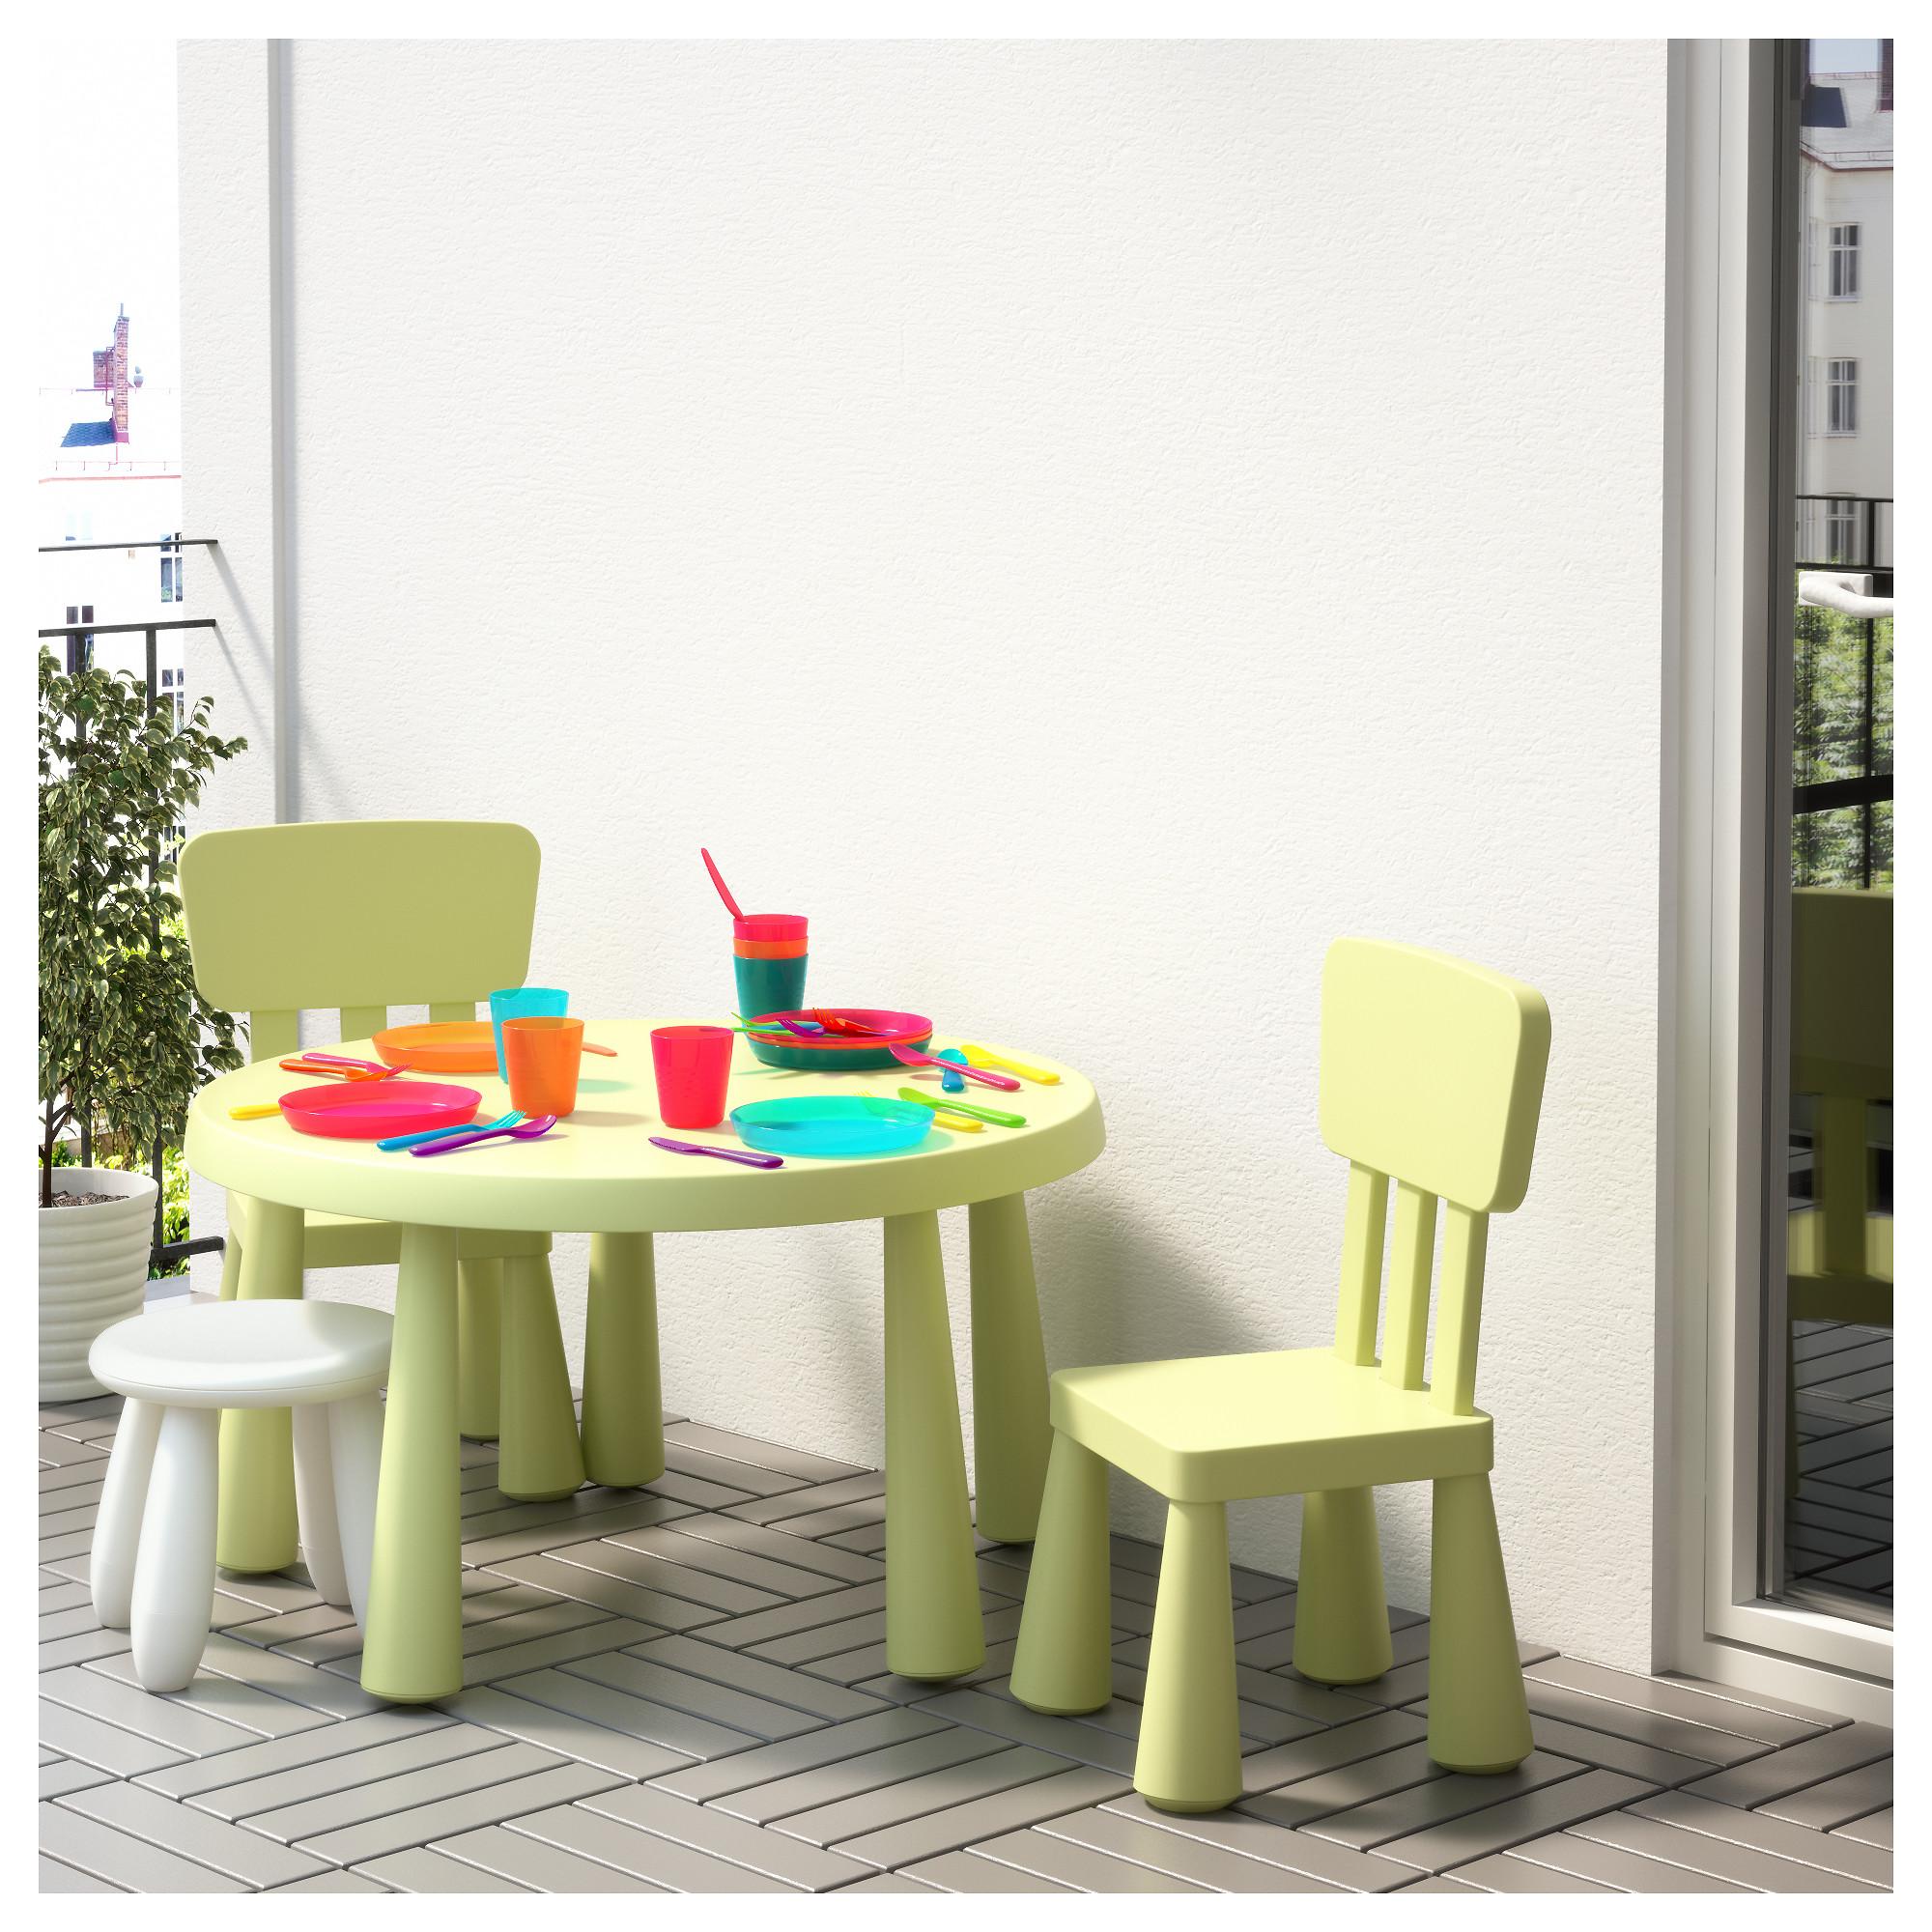 купить стол детский маммут ддомаулицы светло зеленый светло